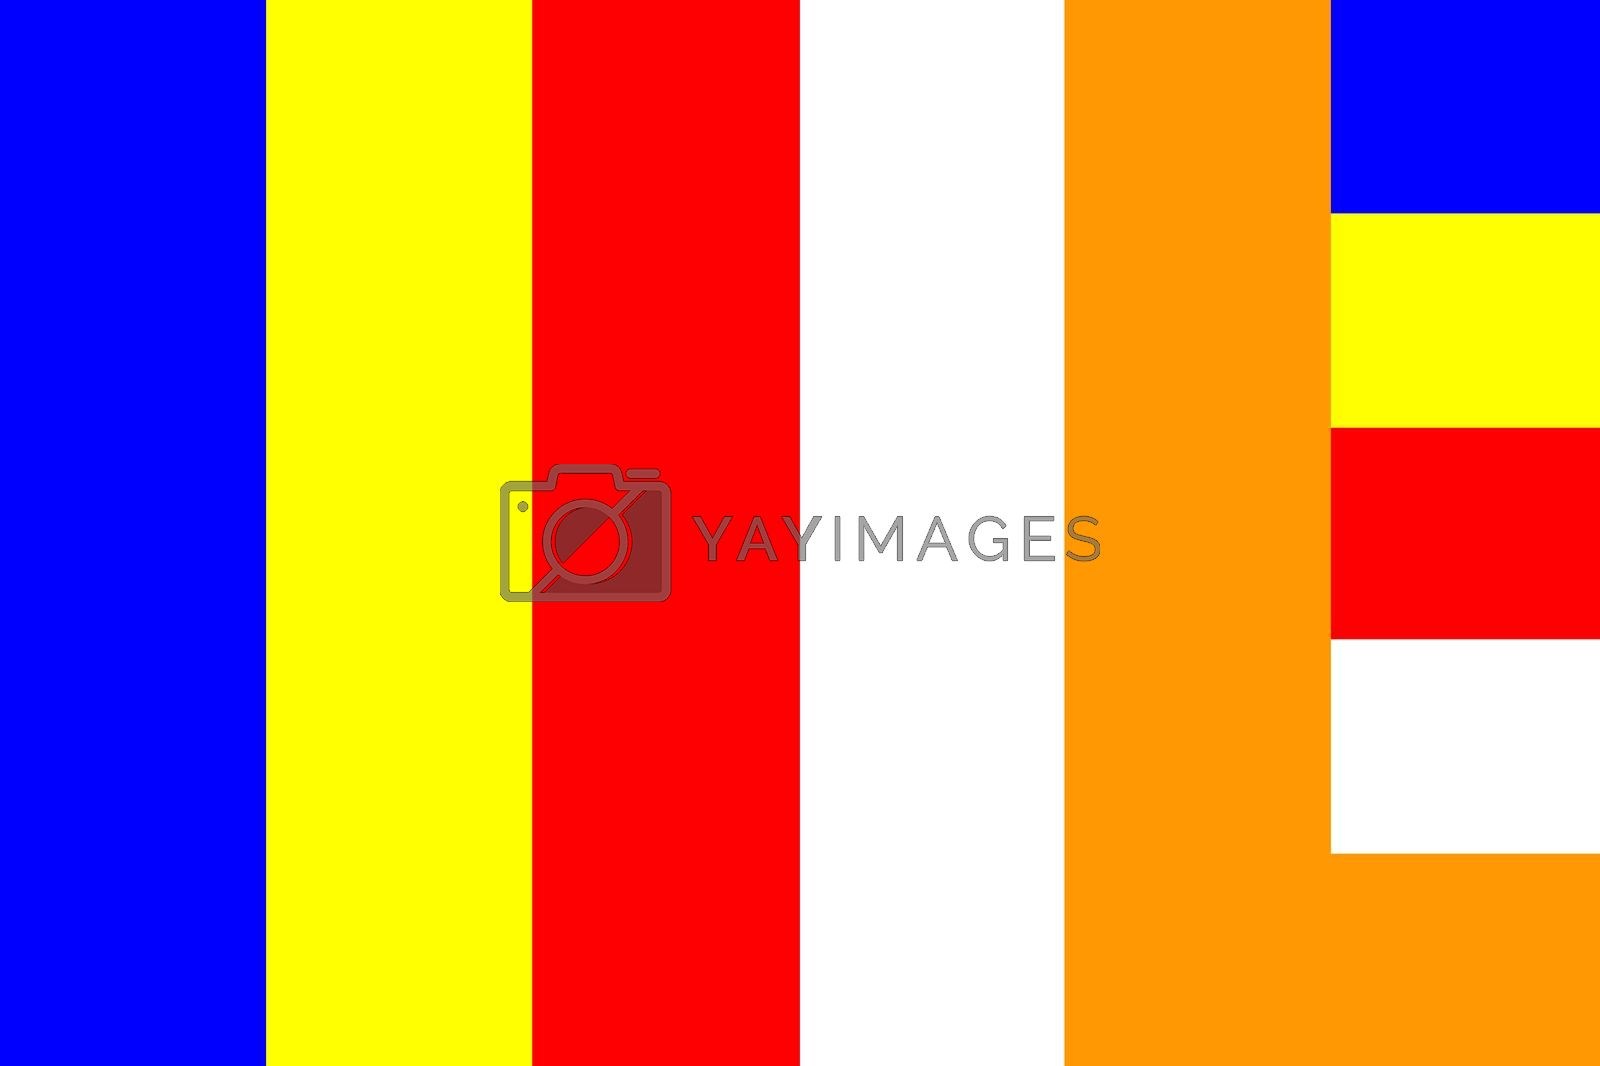 Buddhist flag International symbol Buddhism religion illustration